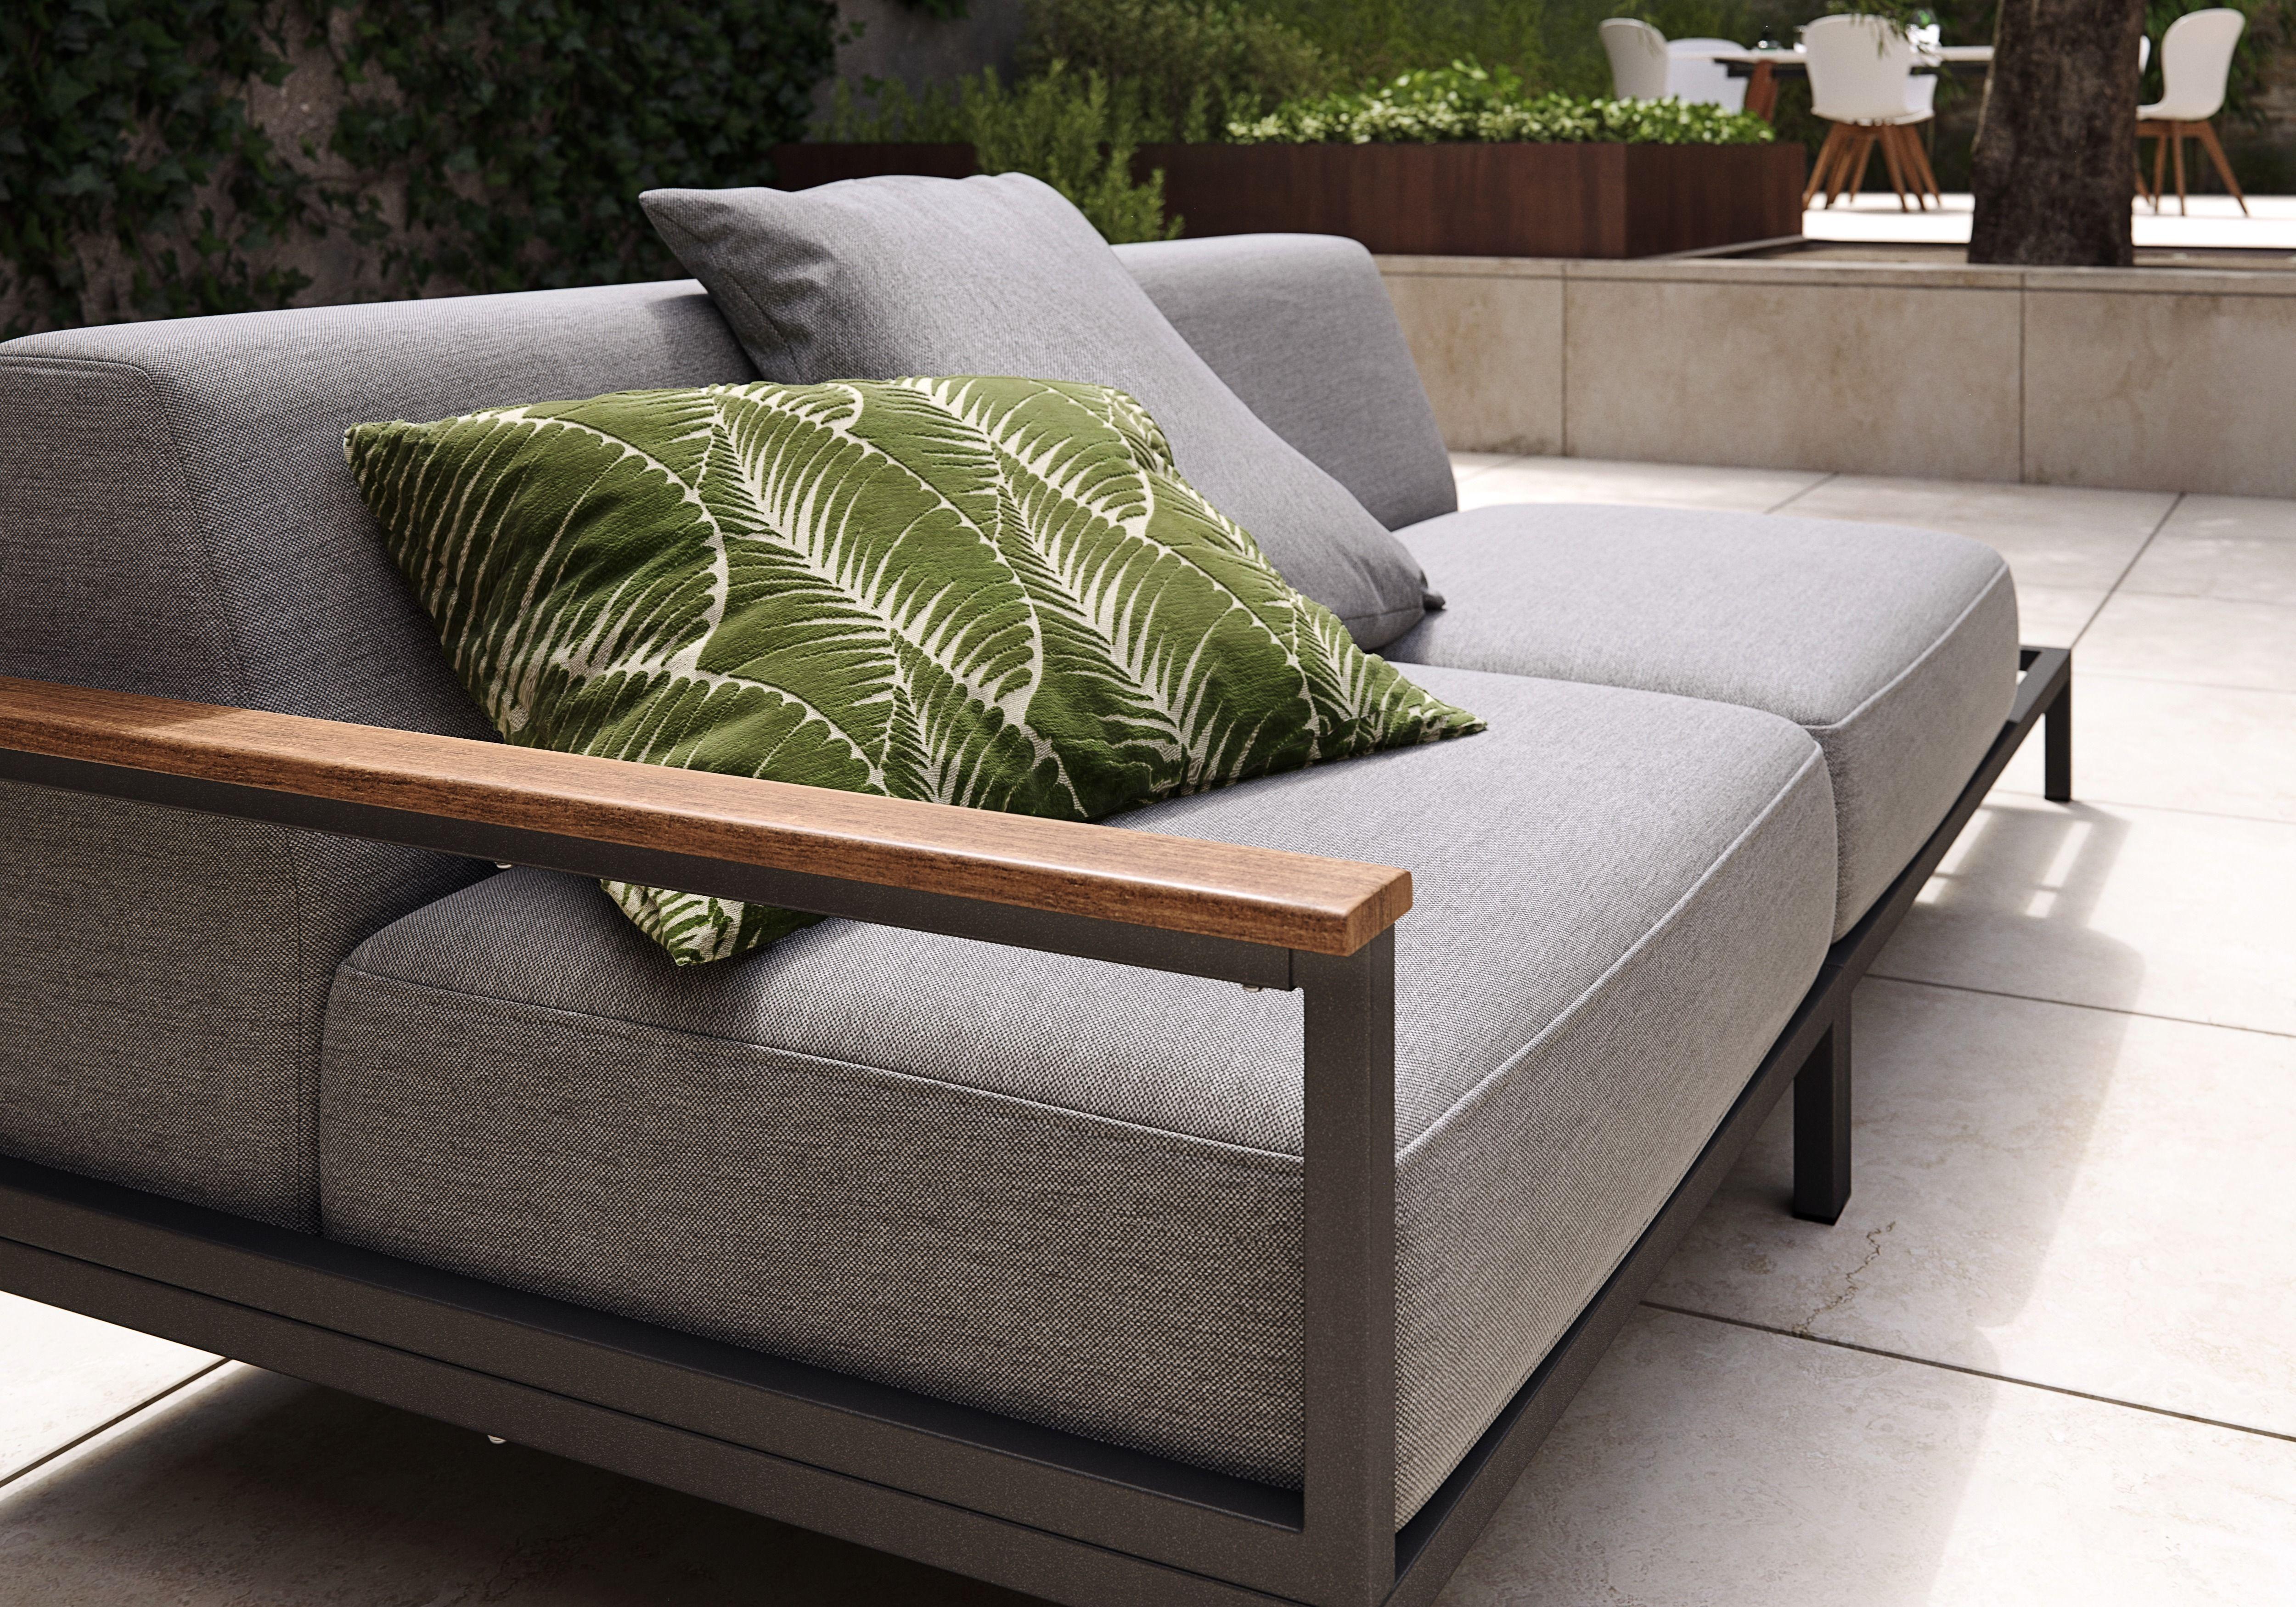 3fbb449aa85cbadbb1d1594906a55e1b Luxe De Canape Palette Exterieur Concept